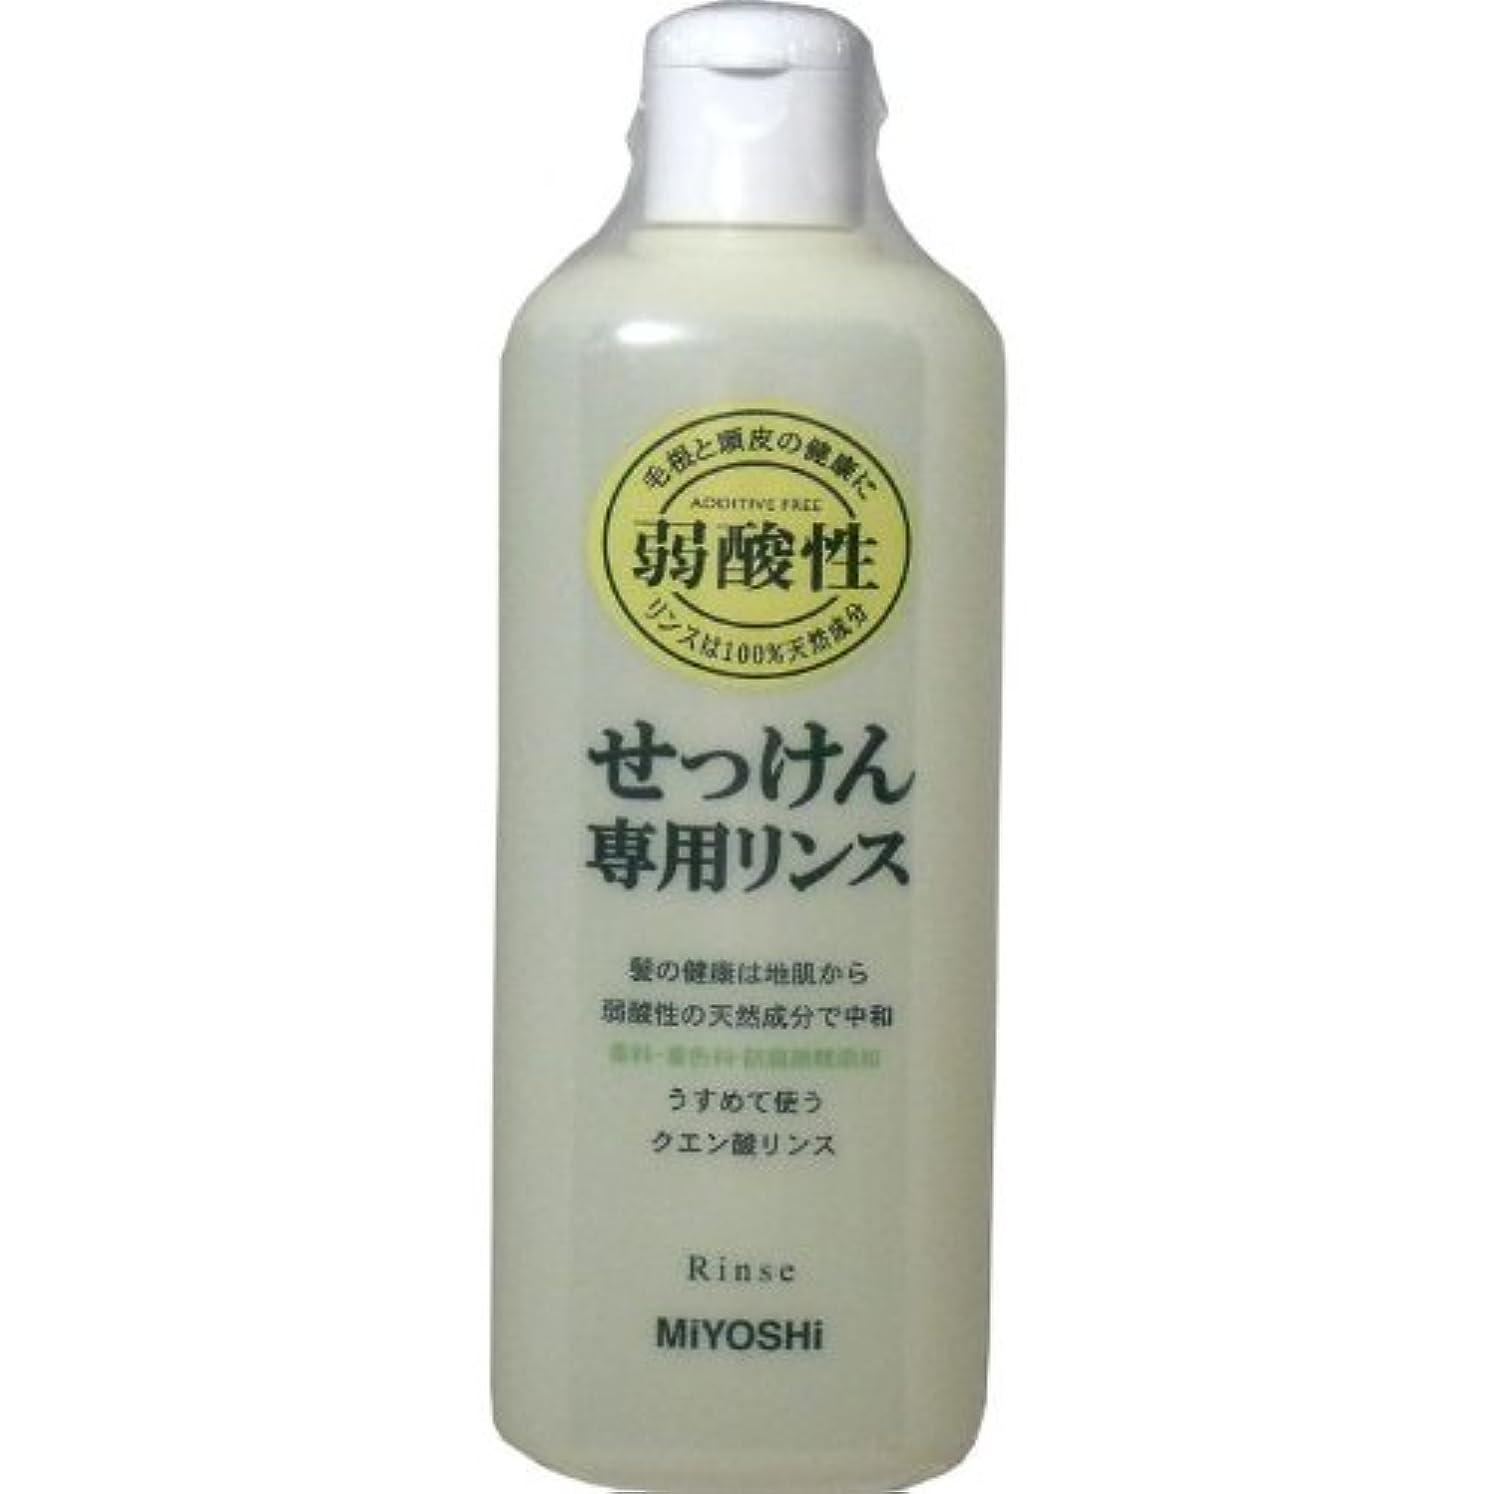 に負ける感心する免除髪の健康は地肌から、弱酸性の天然成分で中和!!香料、防腐剤、着色料無添加!うすめて使うクエン酸リンス!リンス 350mL【4個セット】